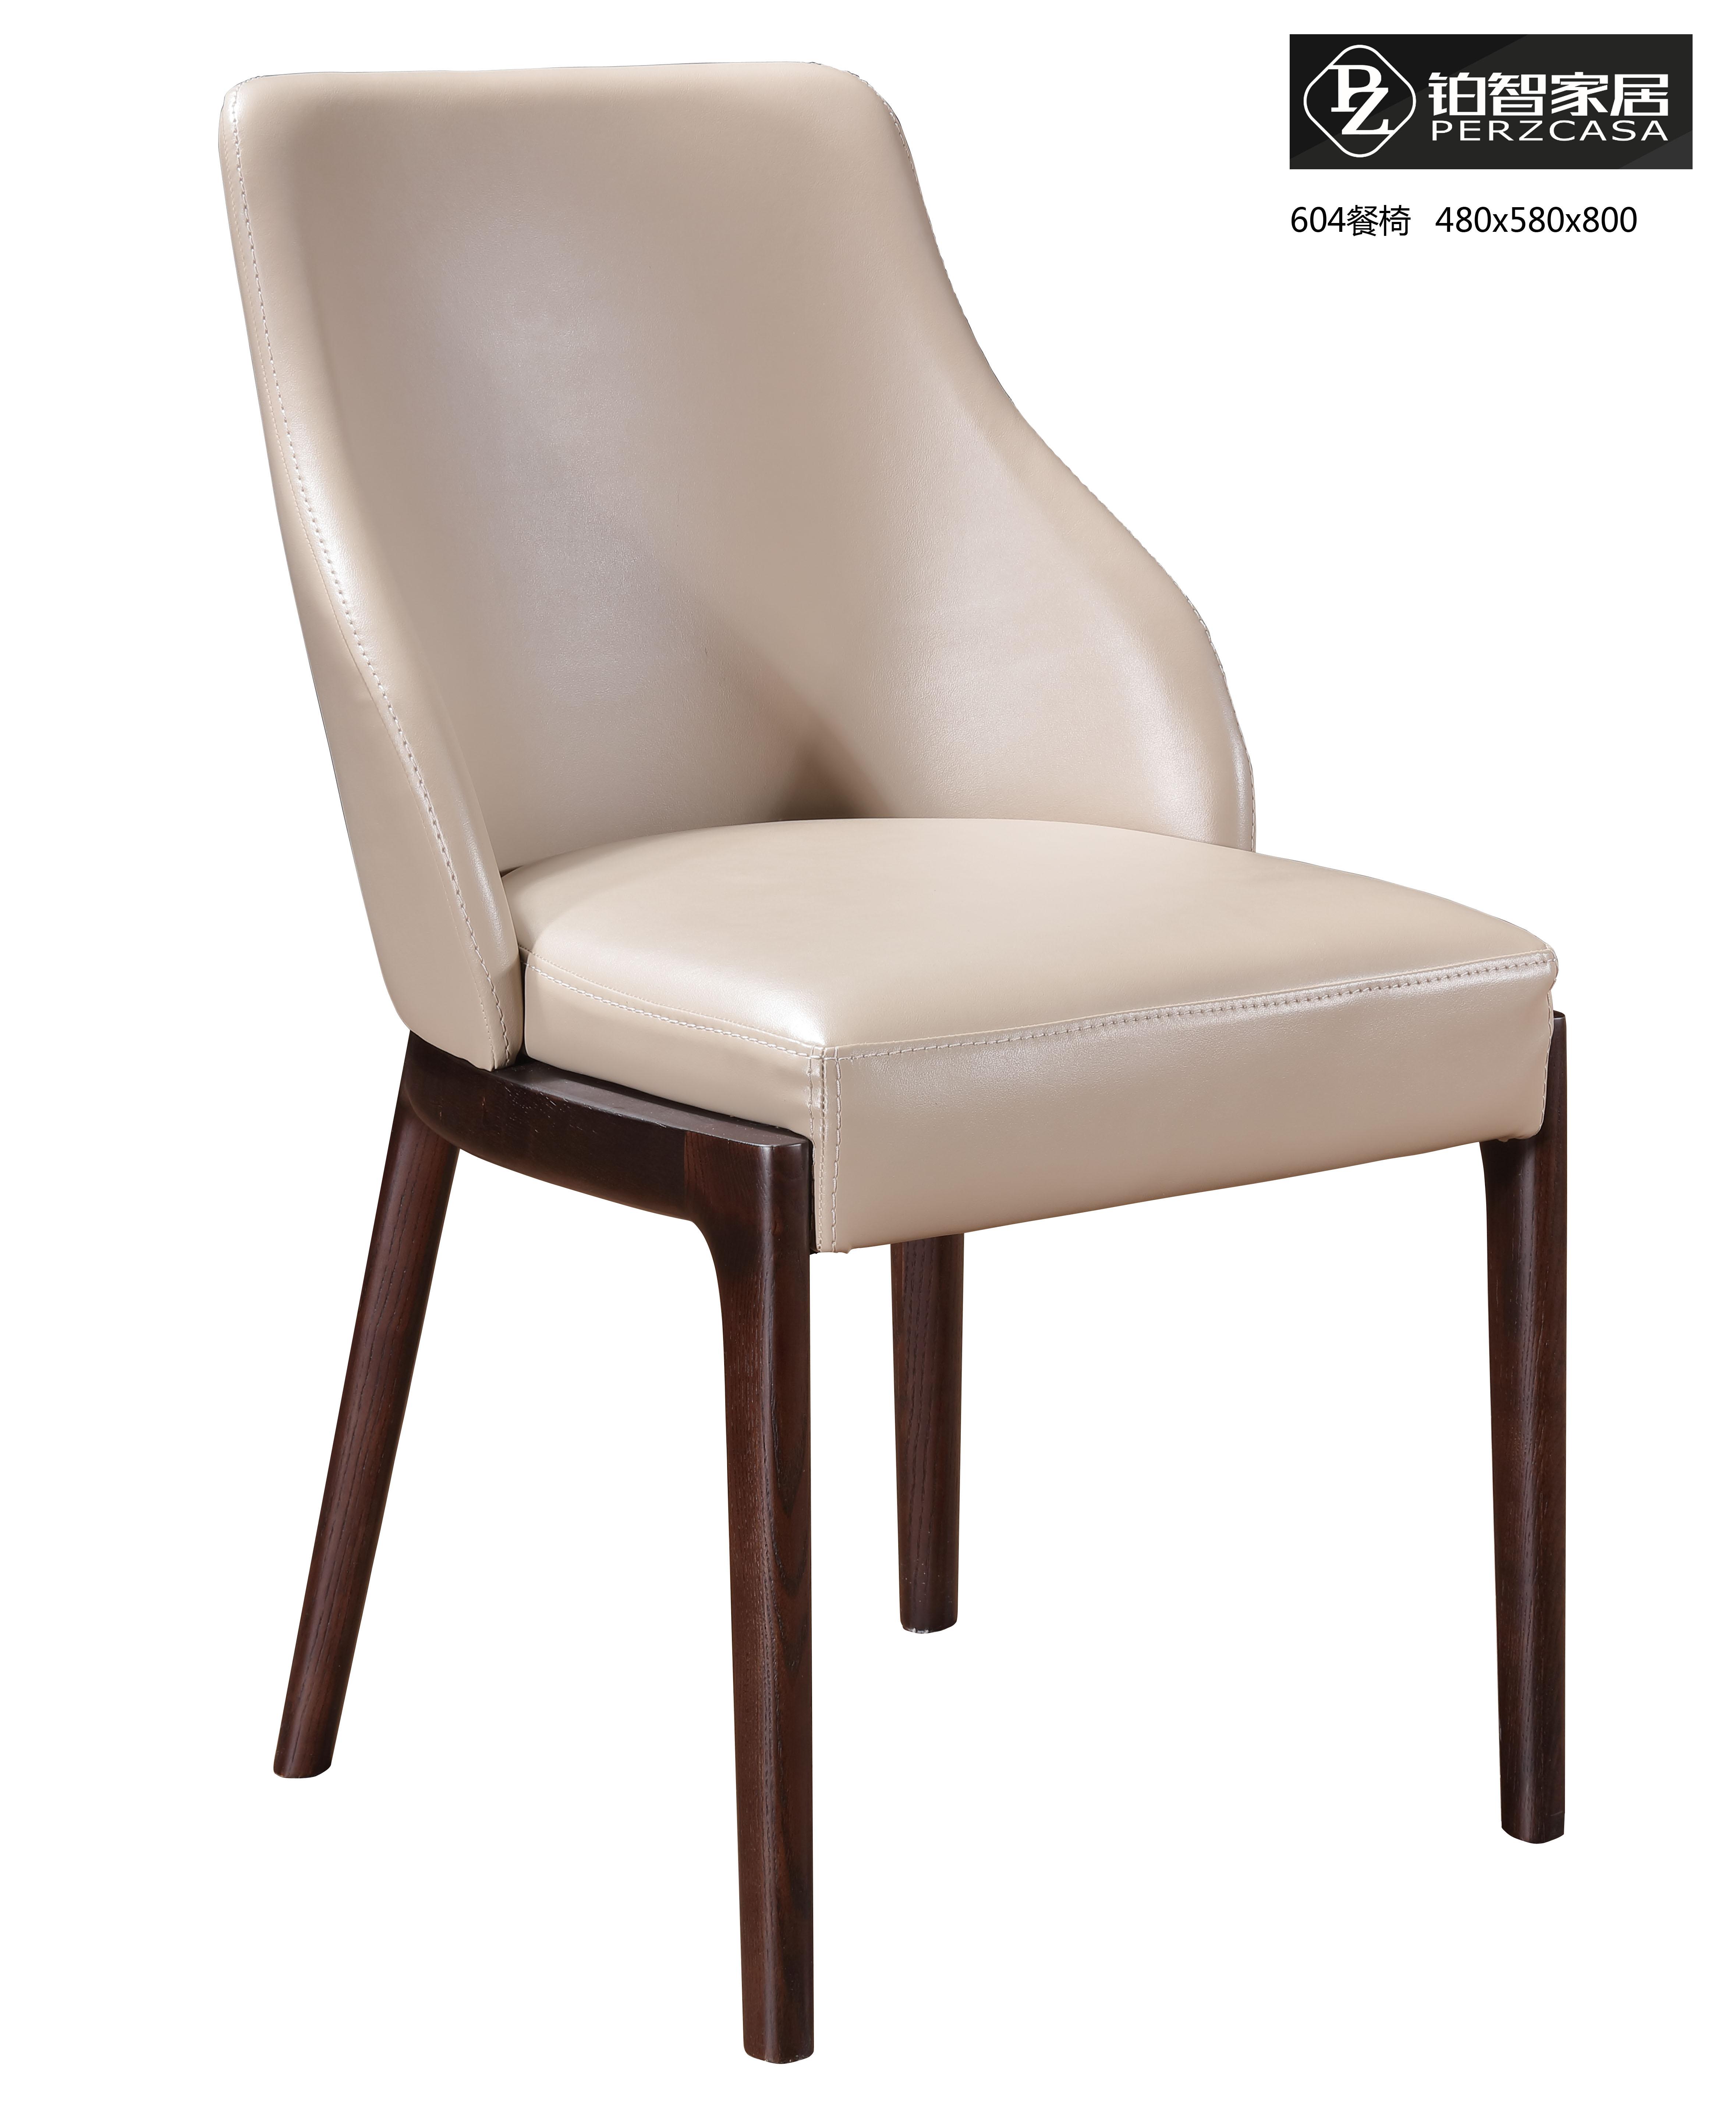 美式书房椅子_曼洛尼